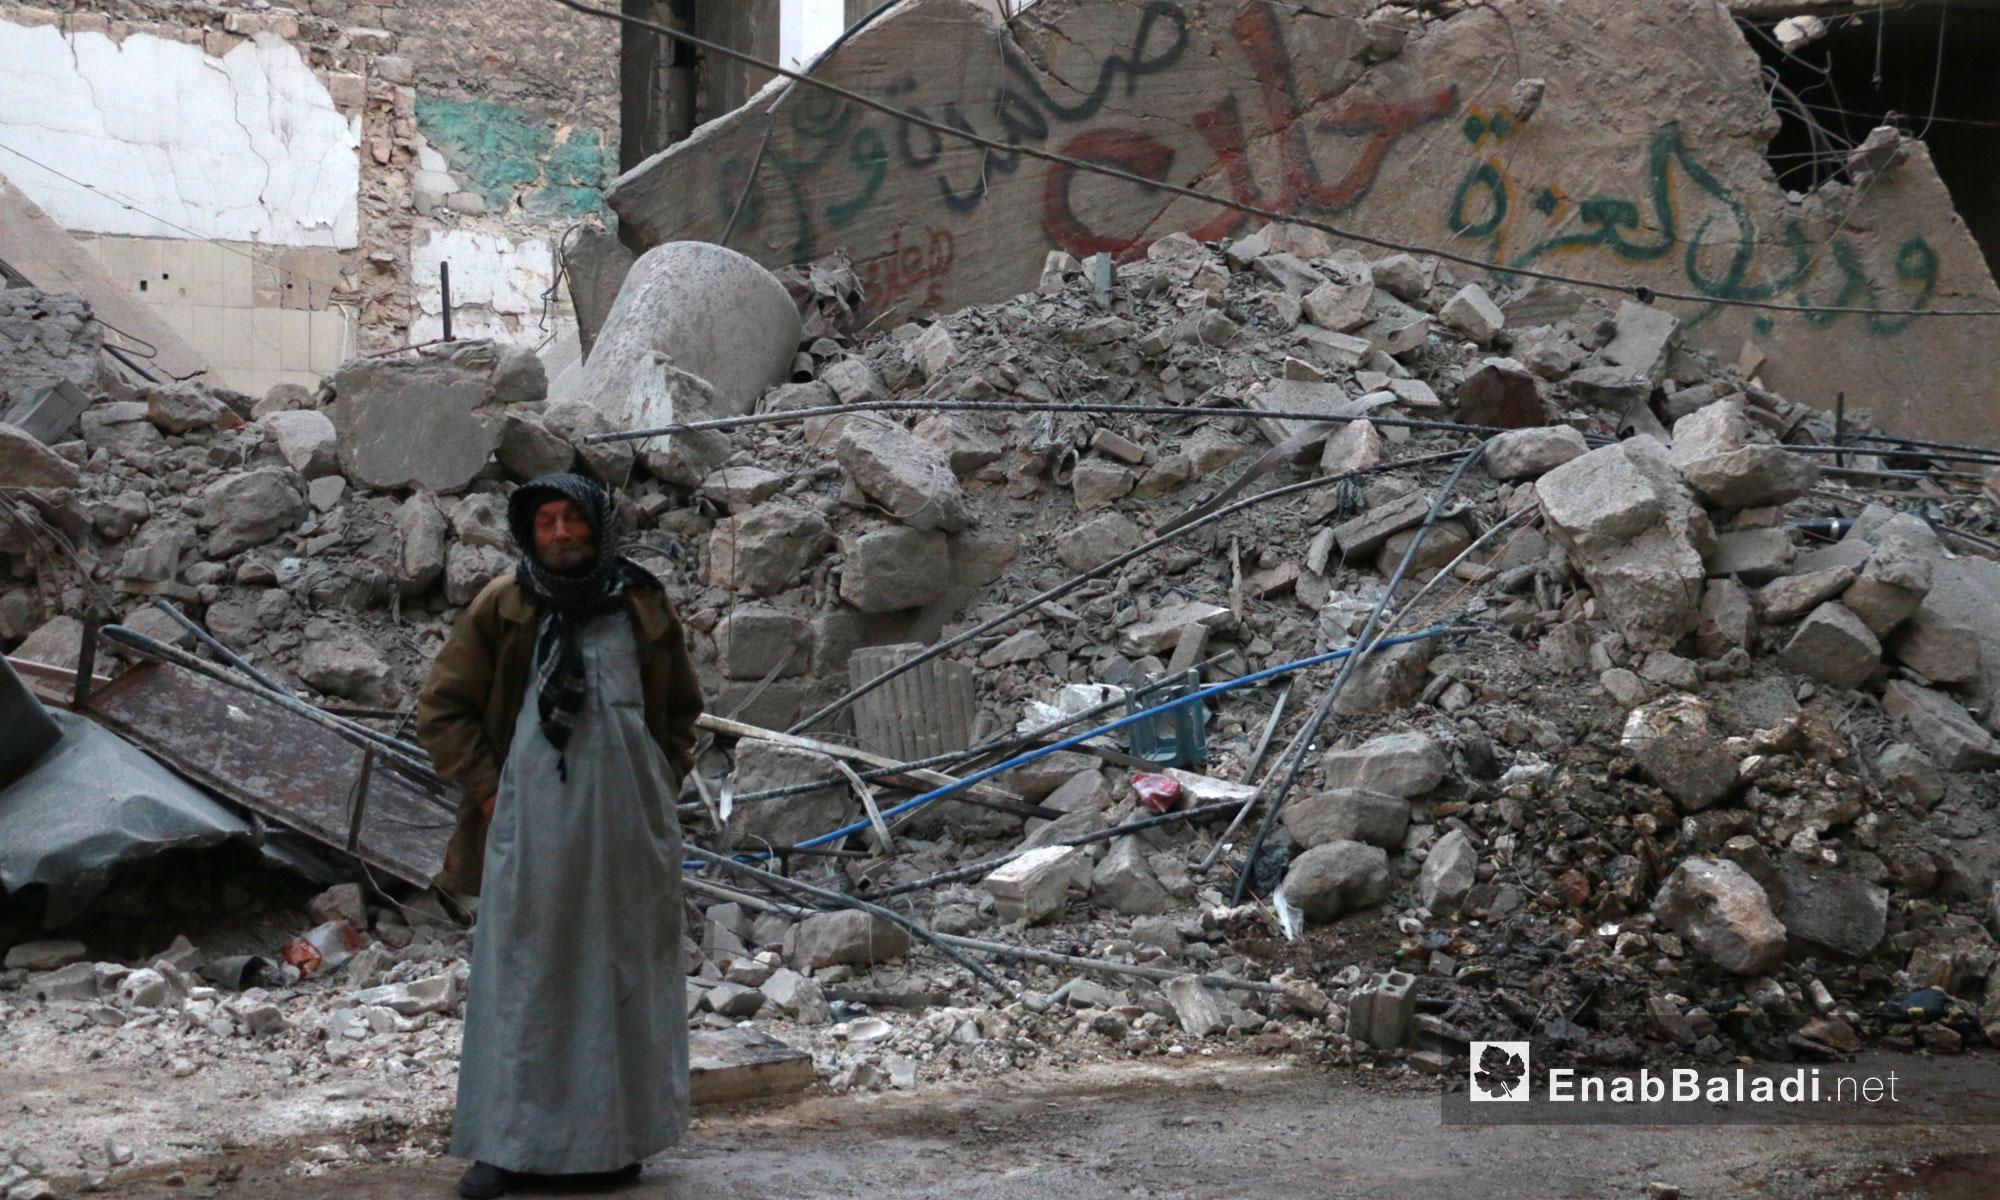 رجل كهل يقف إلى جانب ركام القصف وكتابات على جدار في حي الشعر بحلب - 17 تشرين الثاني 2016 (عنب بلدي)